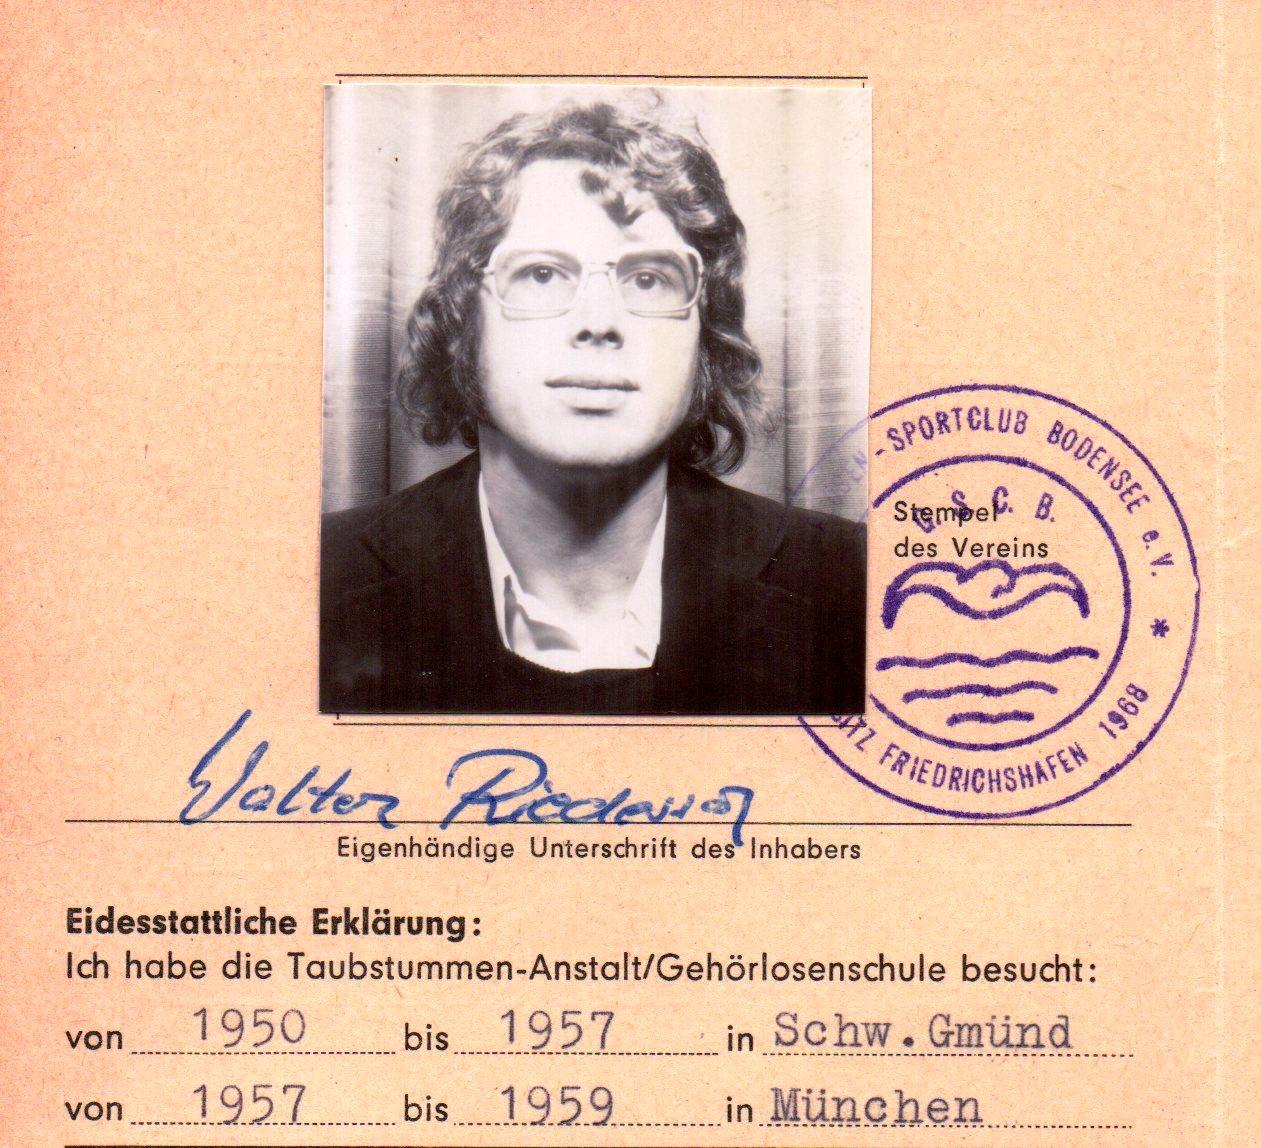 Walter Riedesser